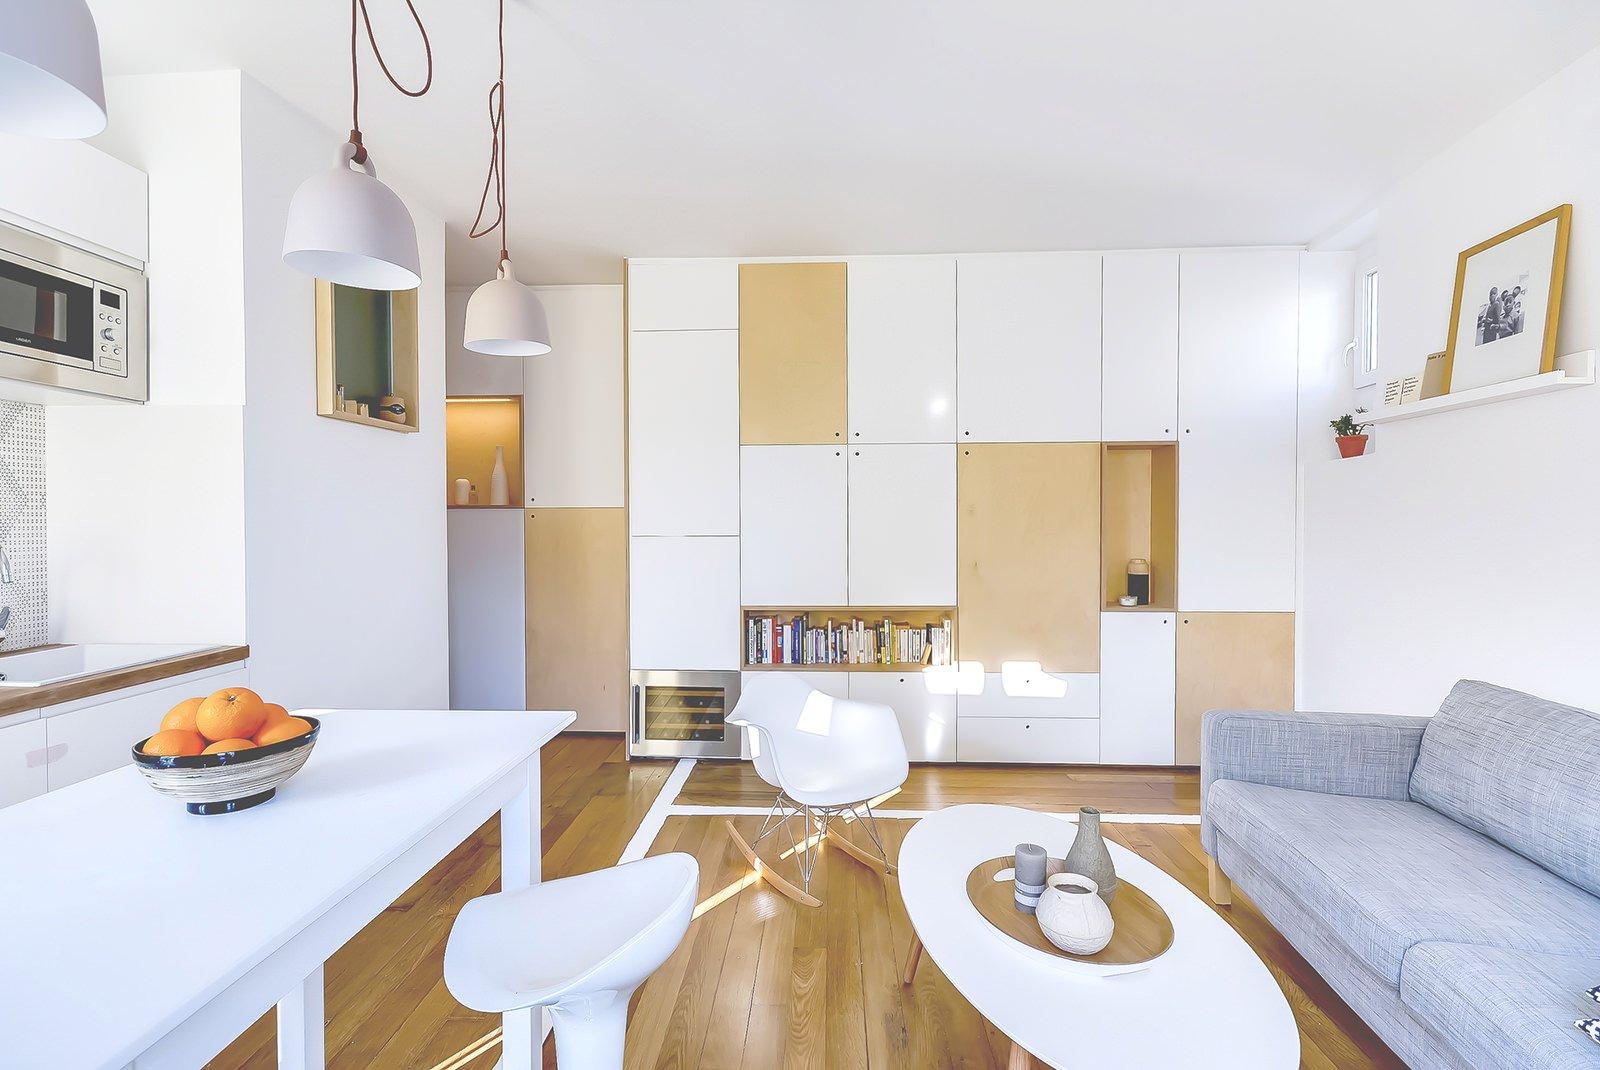 Ламинат на полу однокомнатной квартиры 33 кв м